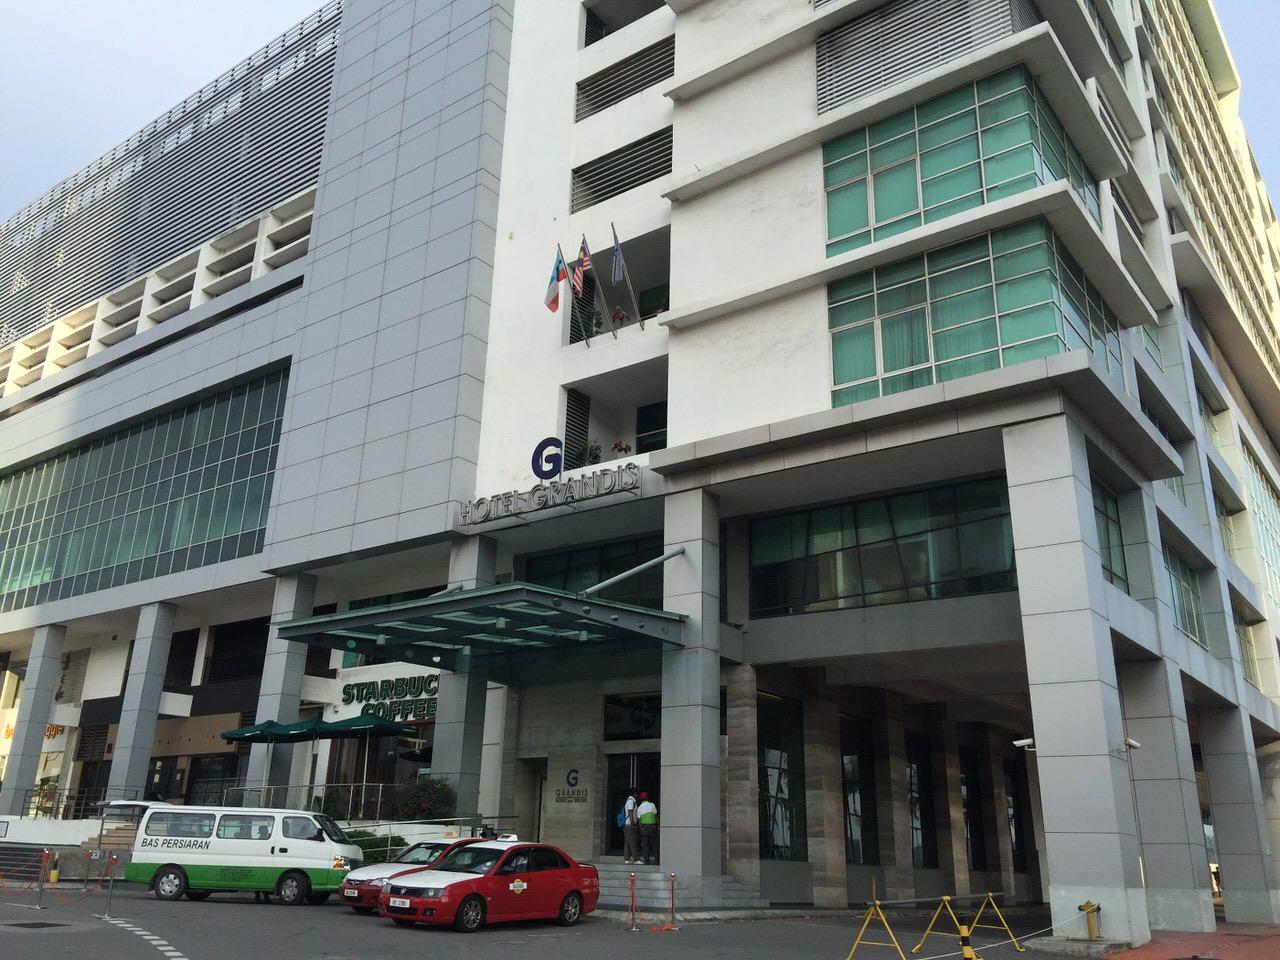 Hotel grandis 3938